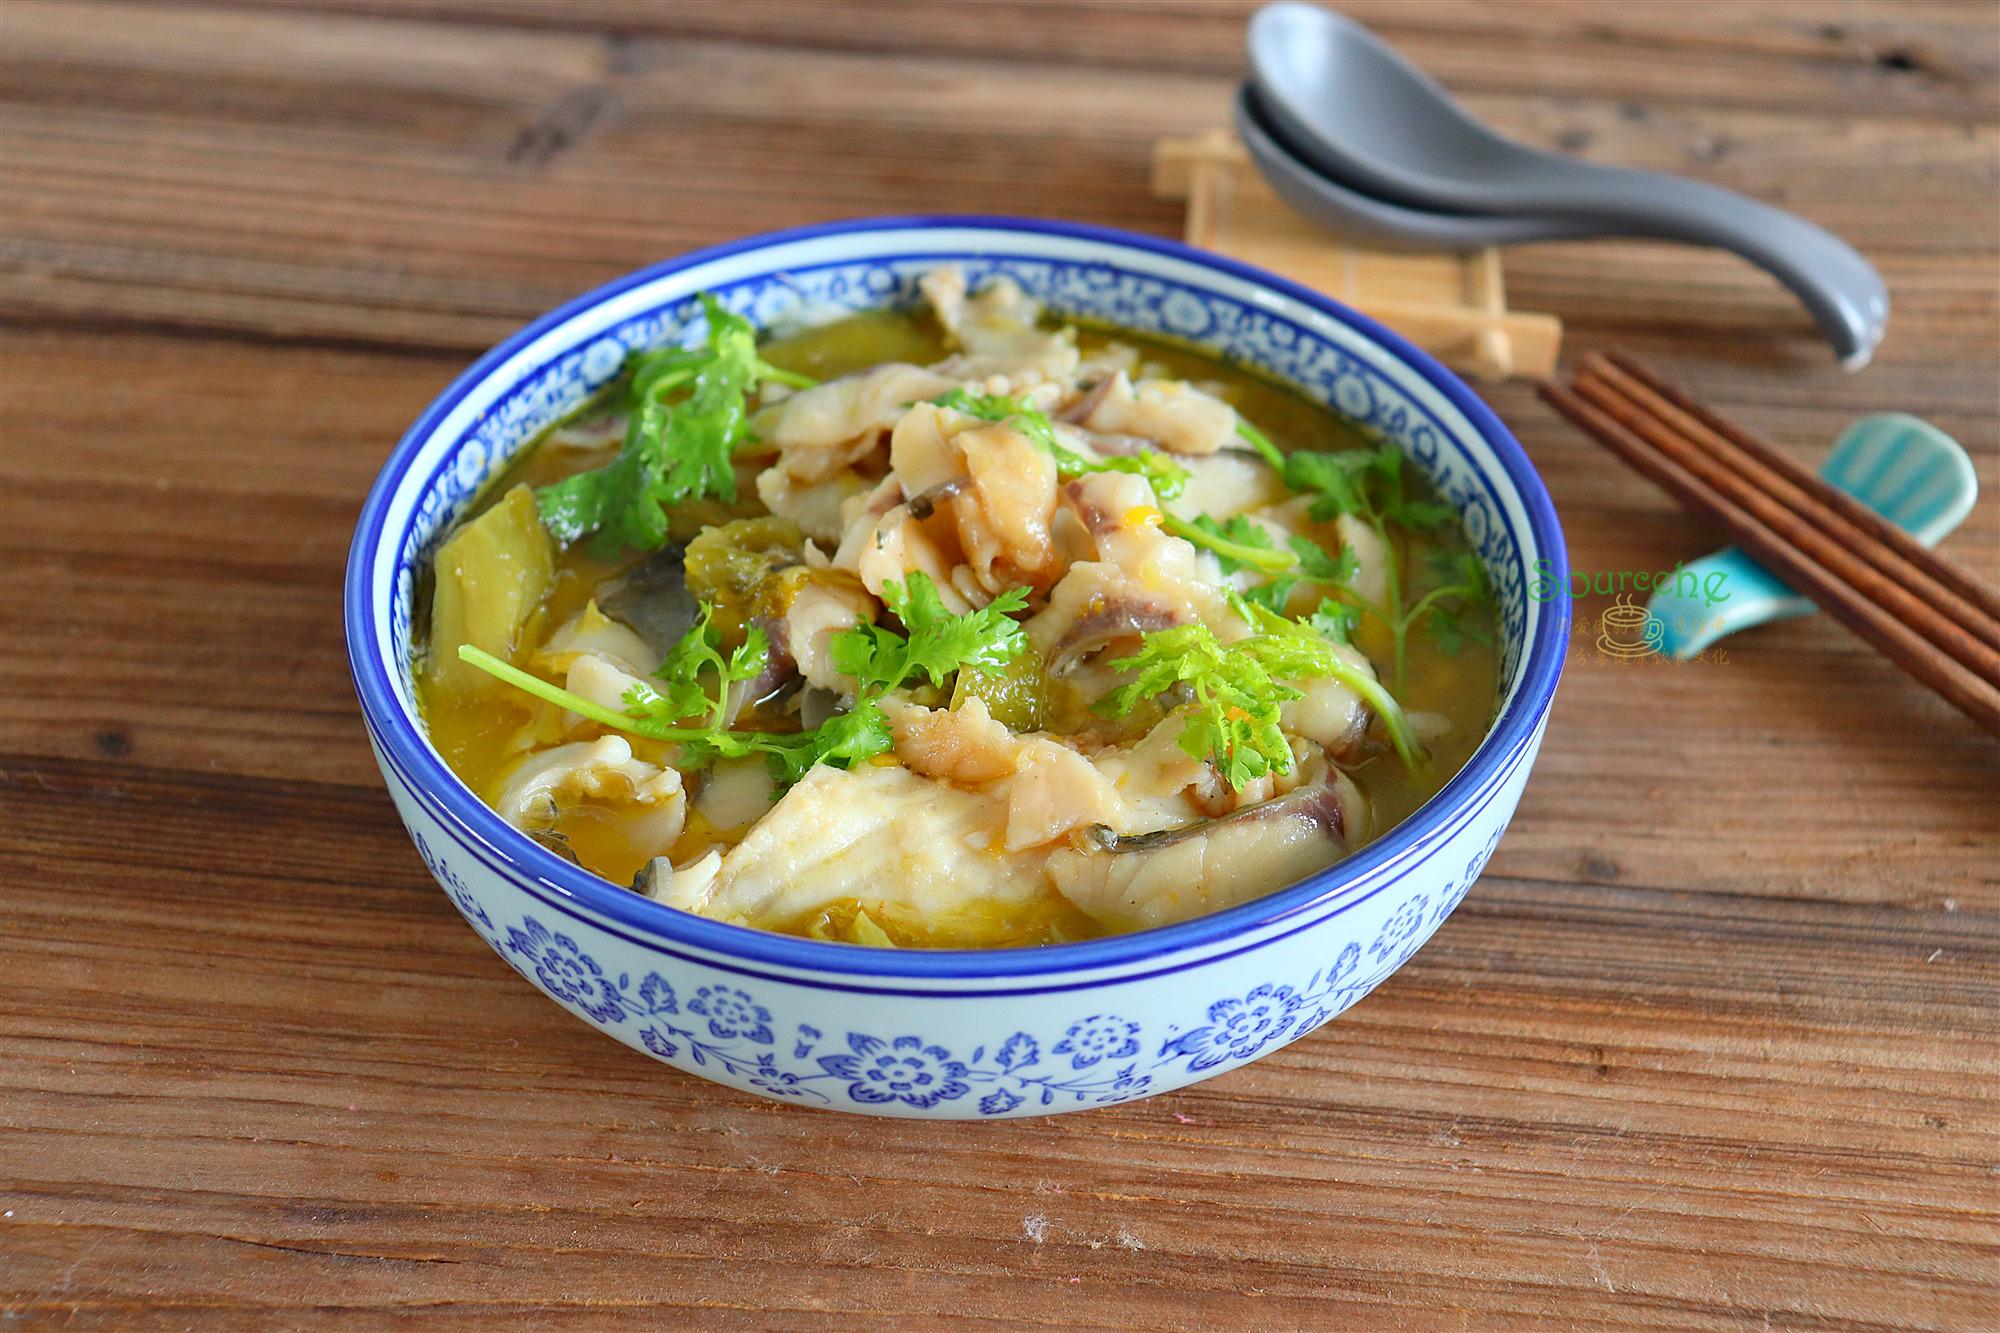 一条皖鱼,一包调料,8分钟煮一锅  酸菜鱼原来可以这么简单!